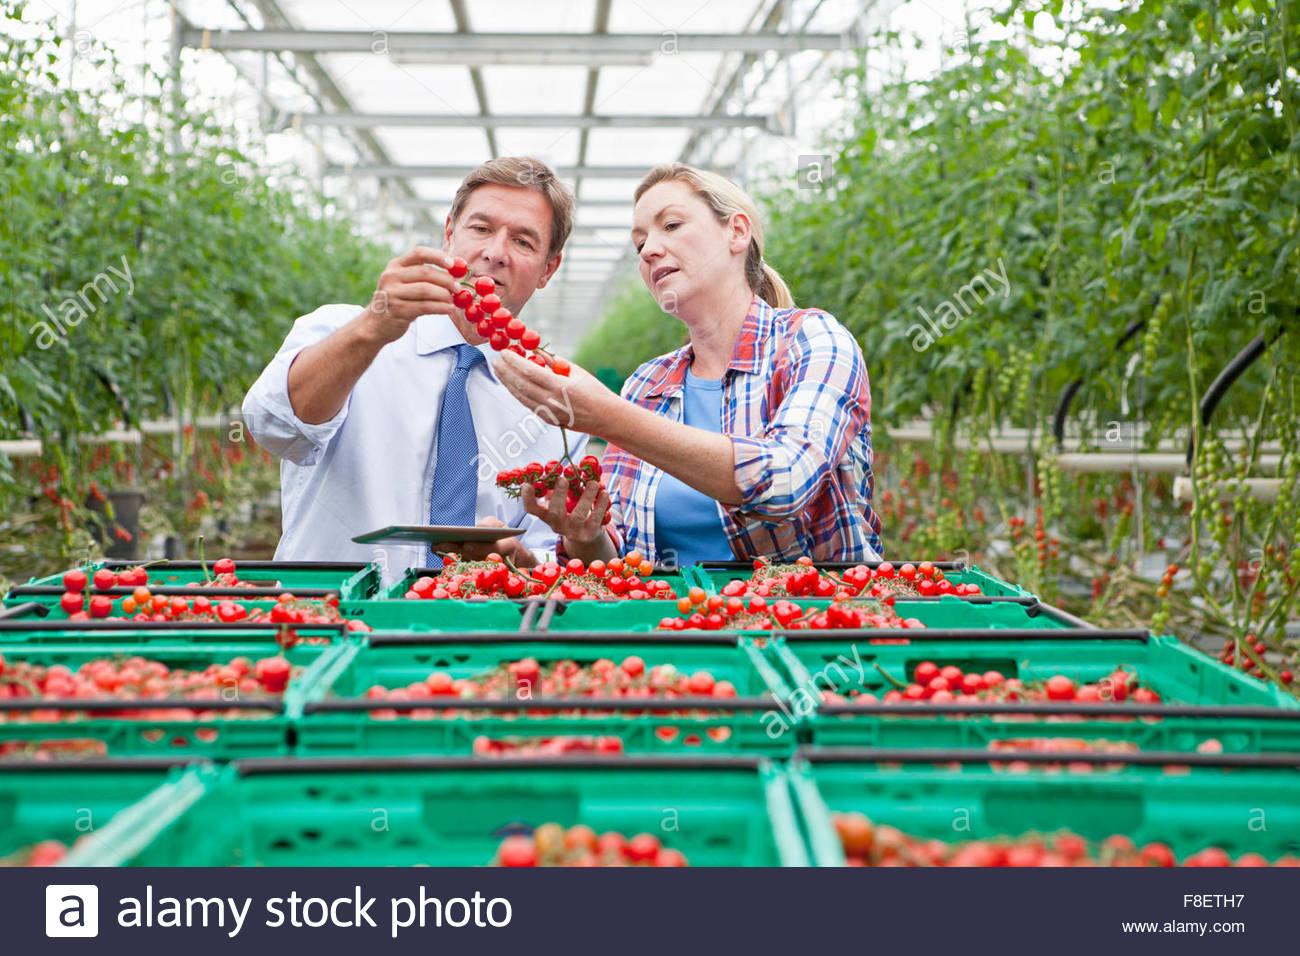 Geschäftsmann und Züchter Inspektion Reifen Rotwein Tomaten im Gewächshaus Stockbild